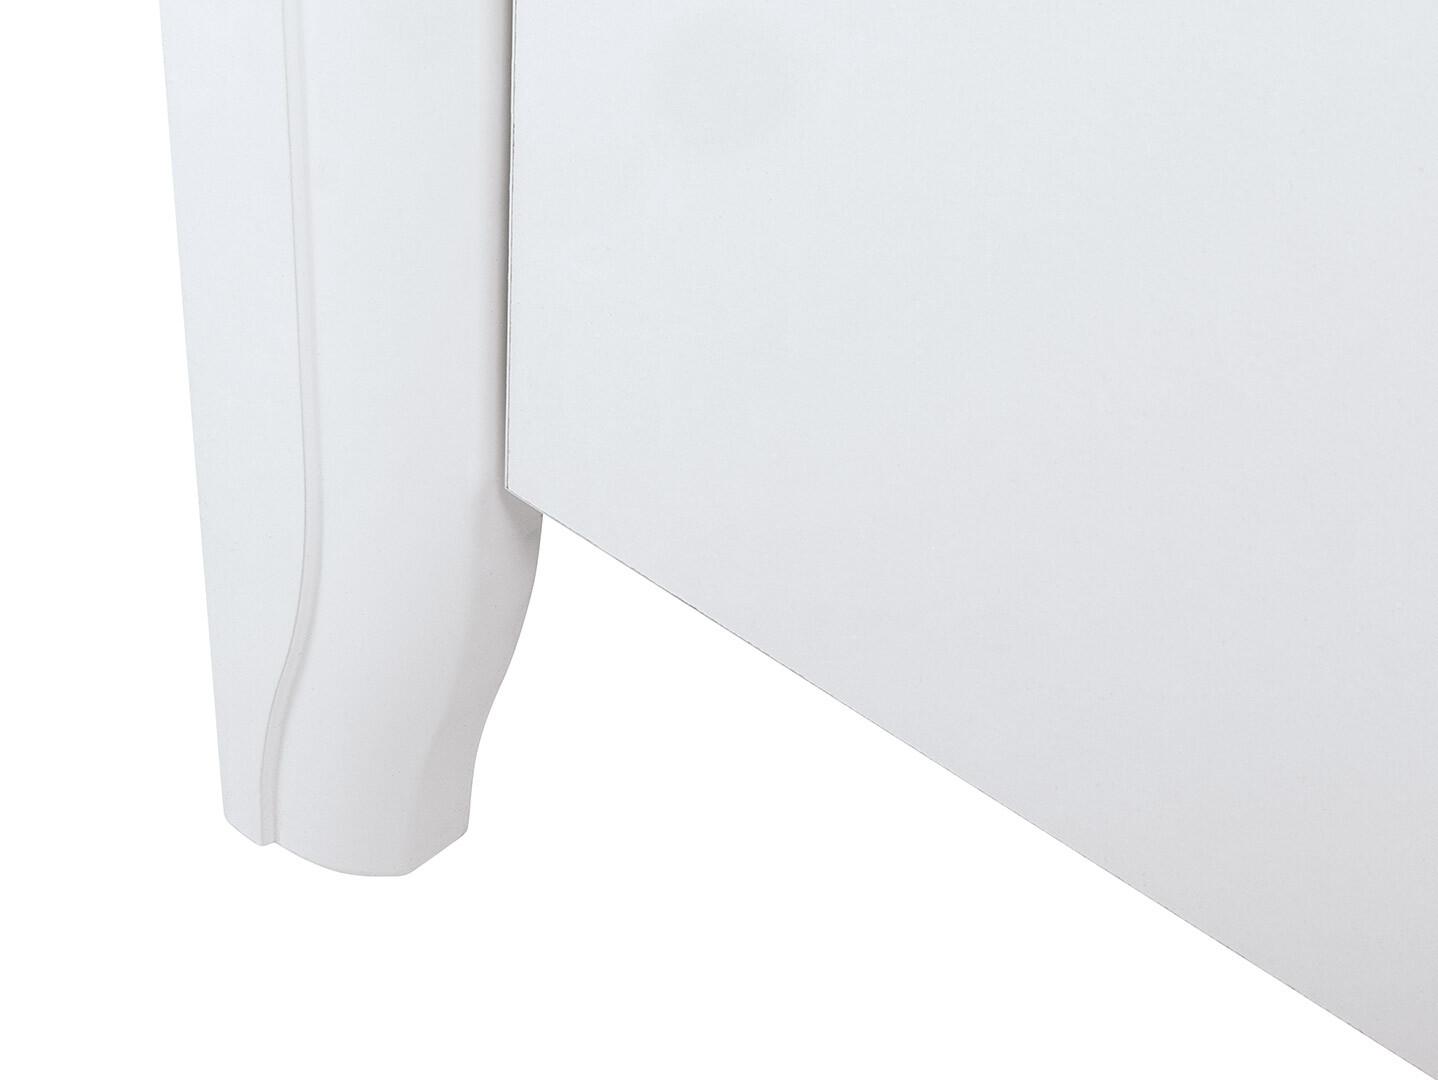 Vitrína KALIO REG1D1W1S biely lesk/ akácia zlatá/ biely lesk